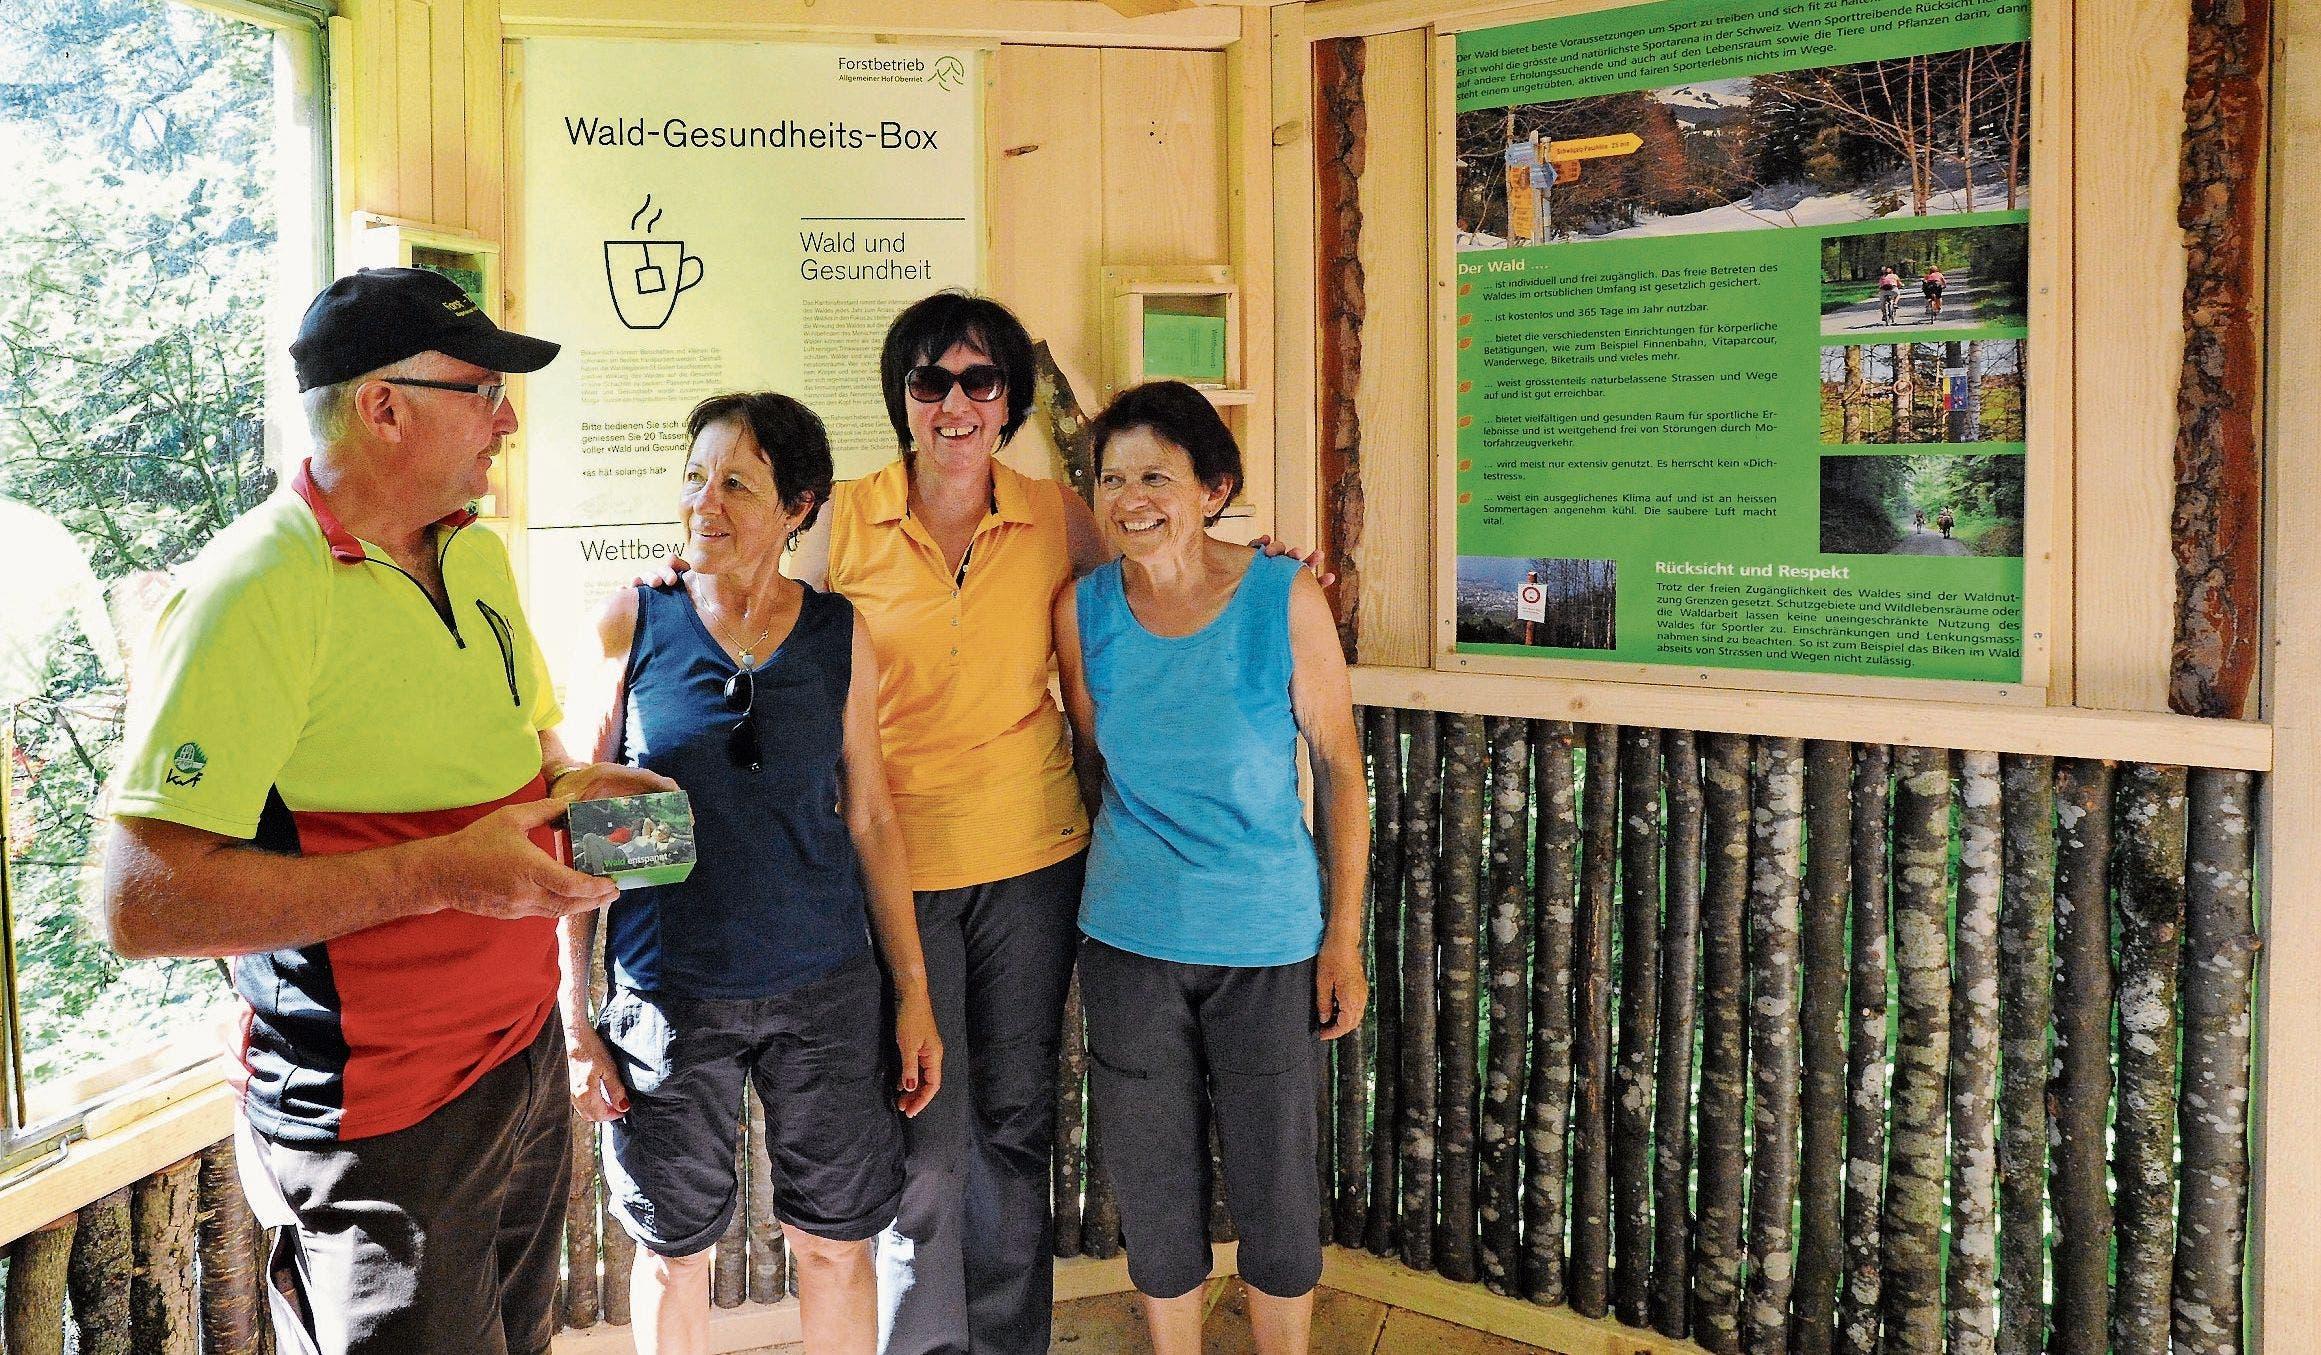 Förster Robert Kobler erklärt drei Wanderinnen, die über den Rheintaler Höhenweg an die Wald-Gesundheitsbox kamen, den vielfältigen Nutzen des Waldes. (Bild: Max Tinner)